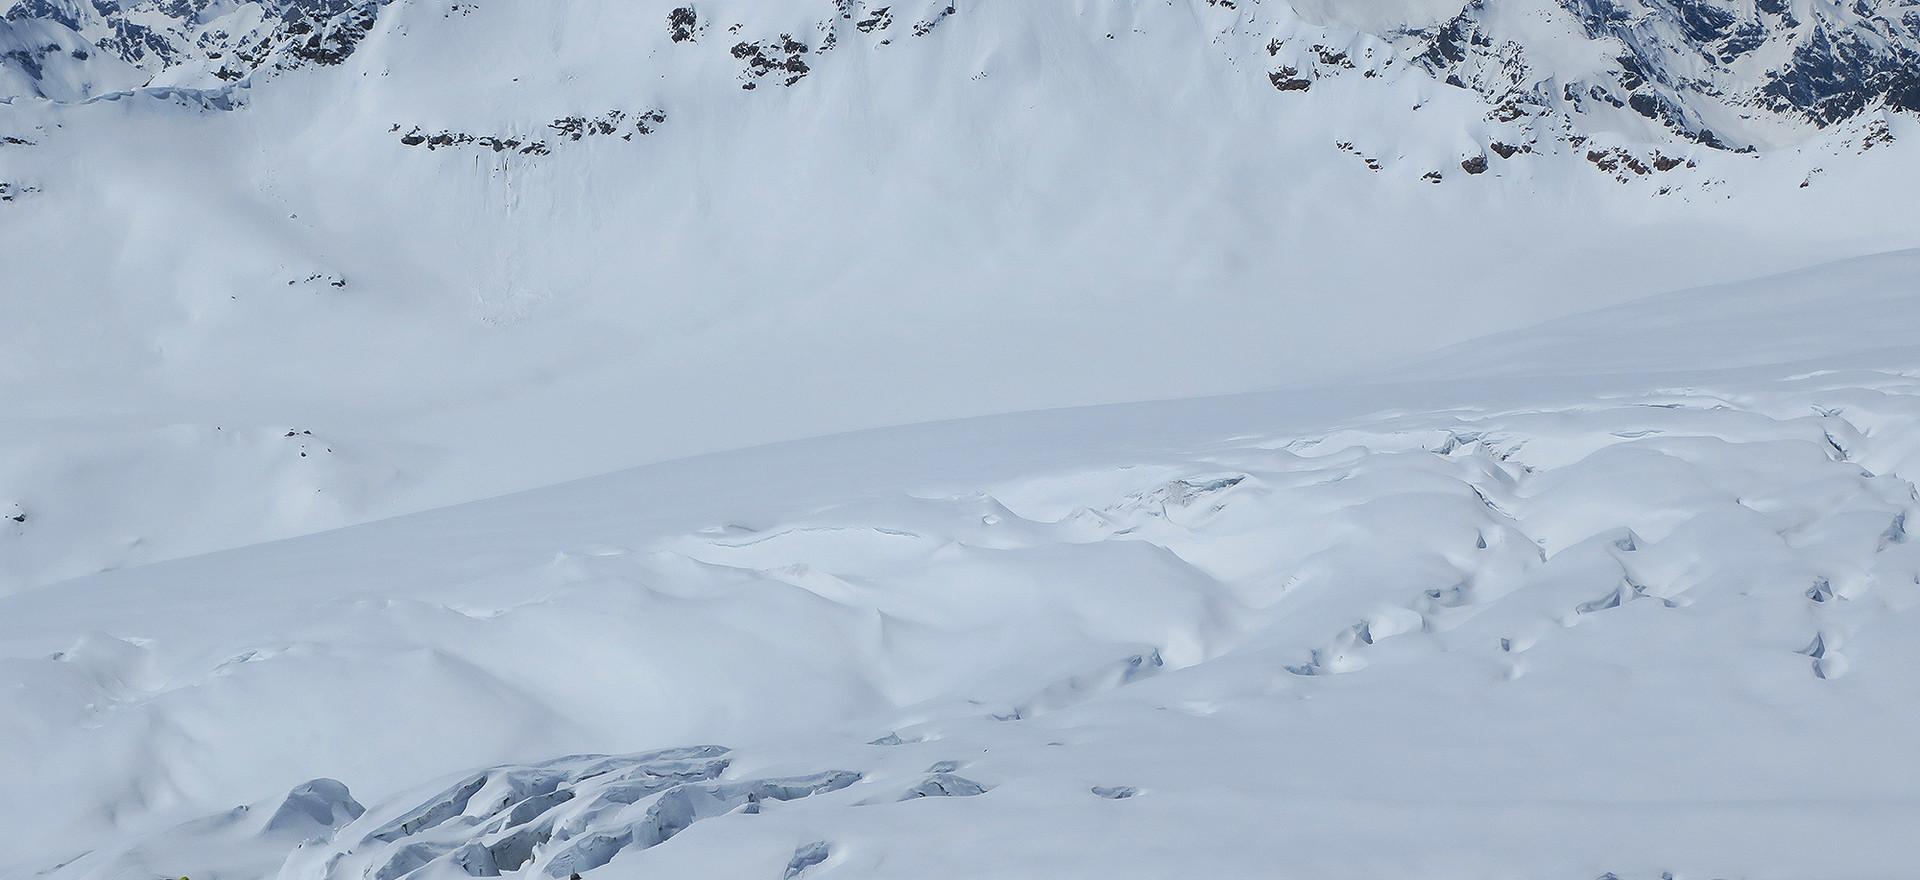 Скиальпинизм с гидом Сергеем Шестихиным в Приэльбрусье